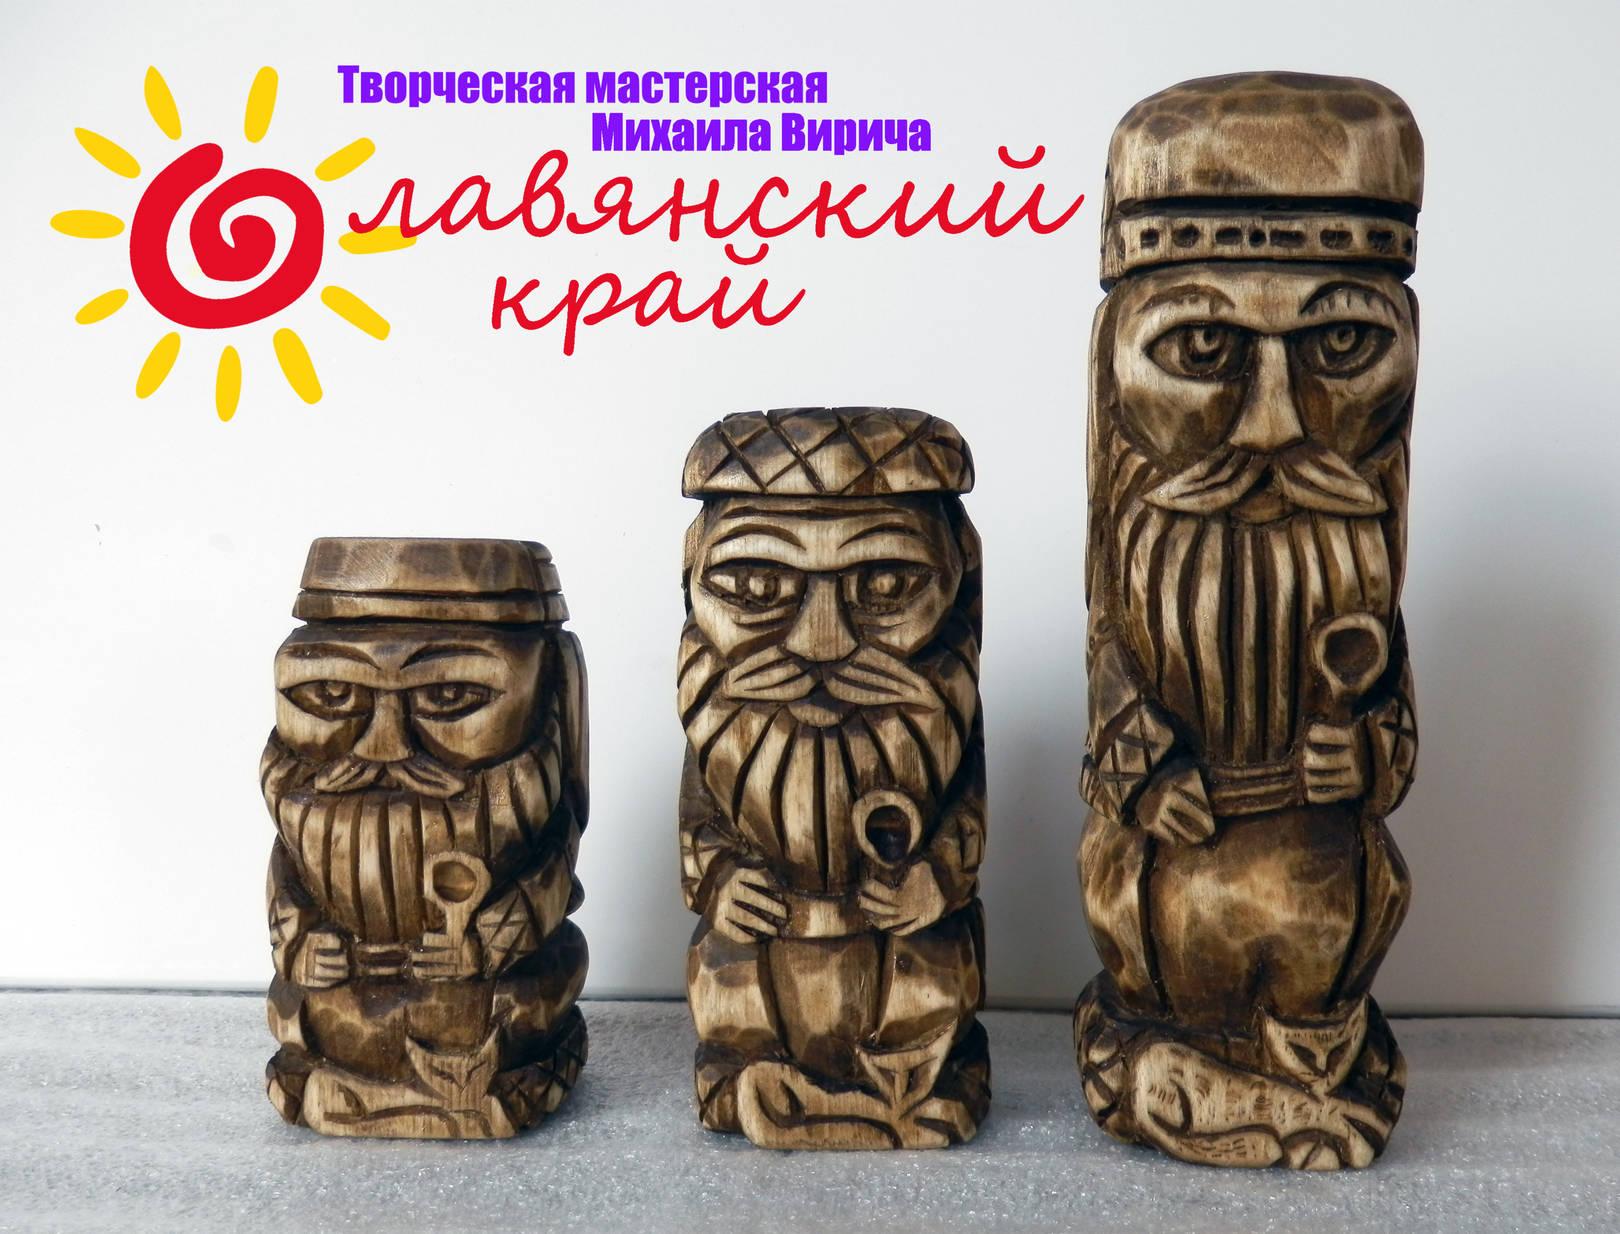 Домовички, 10-13 и 15 см. Первые работы по теме домовых).